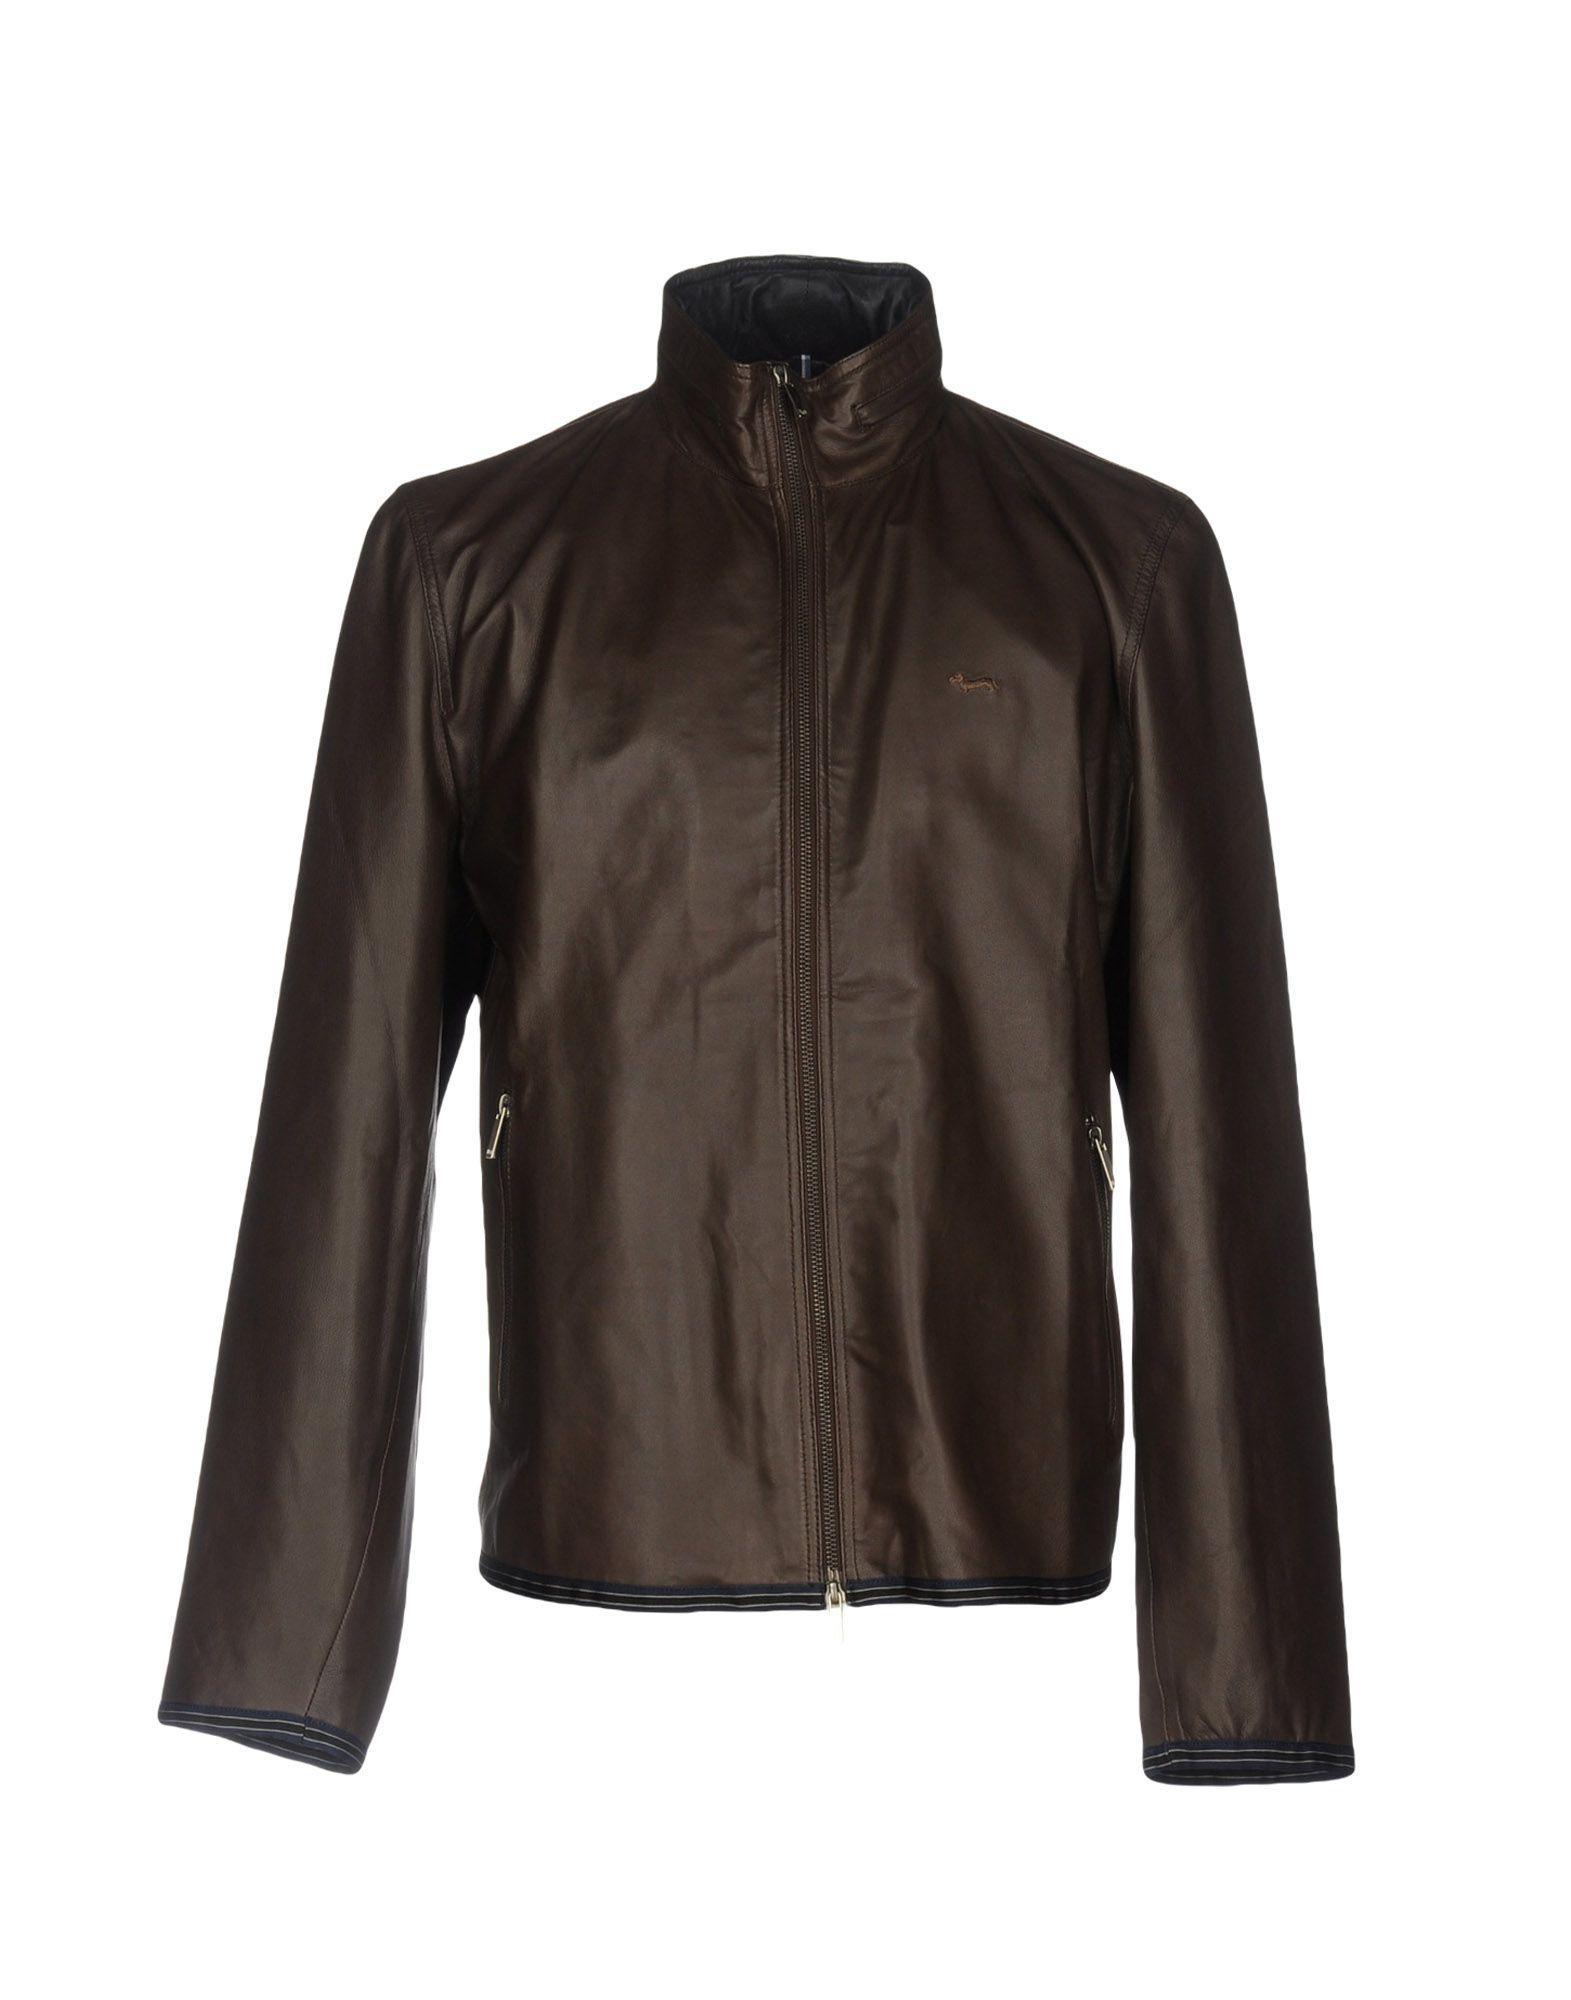 harmont and blaine jacket - photo #7